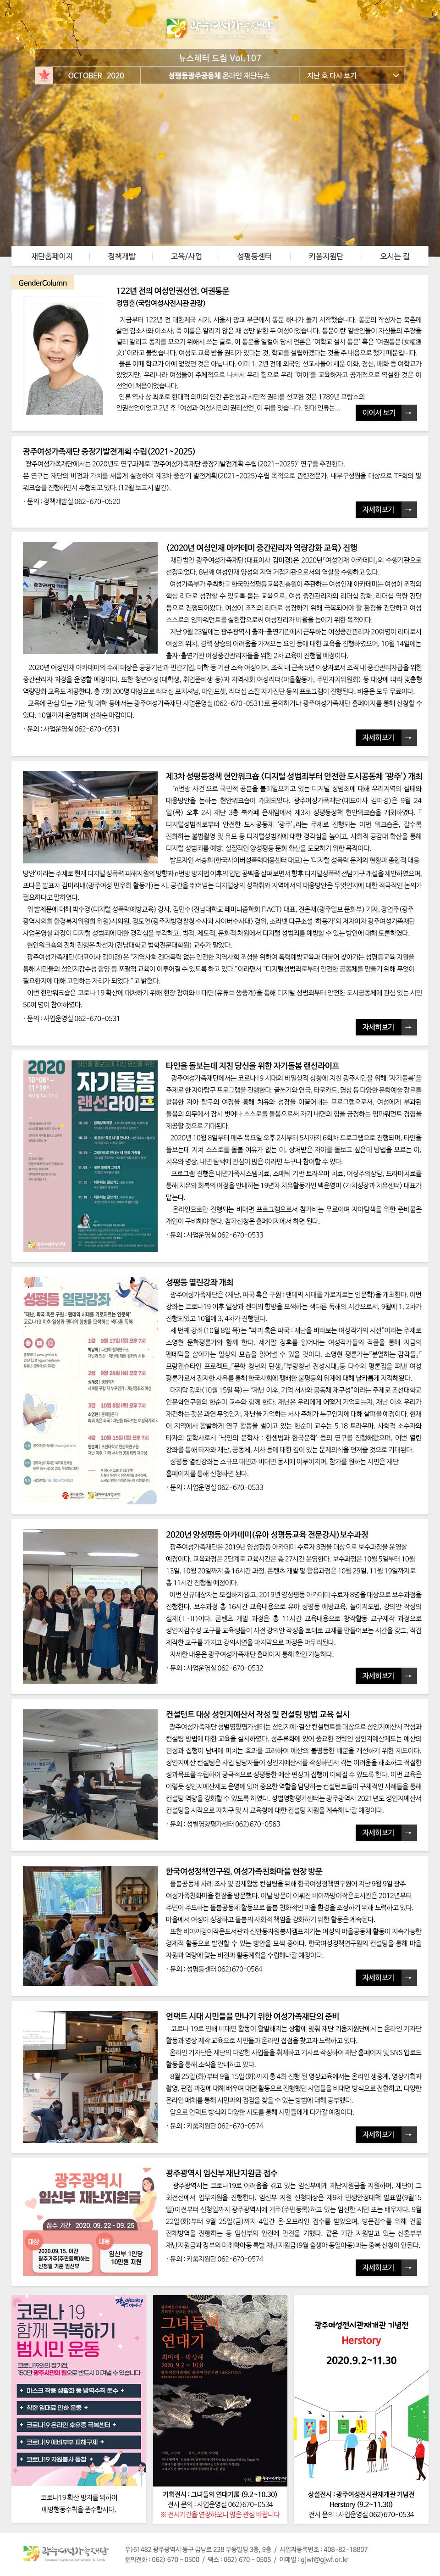 뉴스레터 드림 107호(20.10월) 썸네일